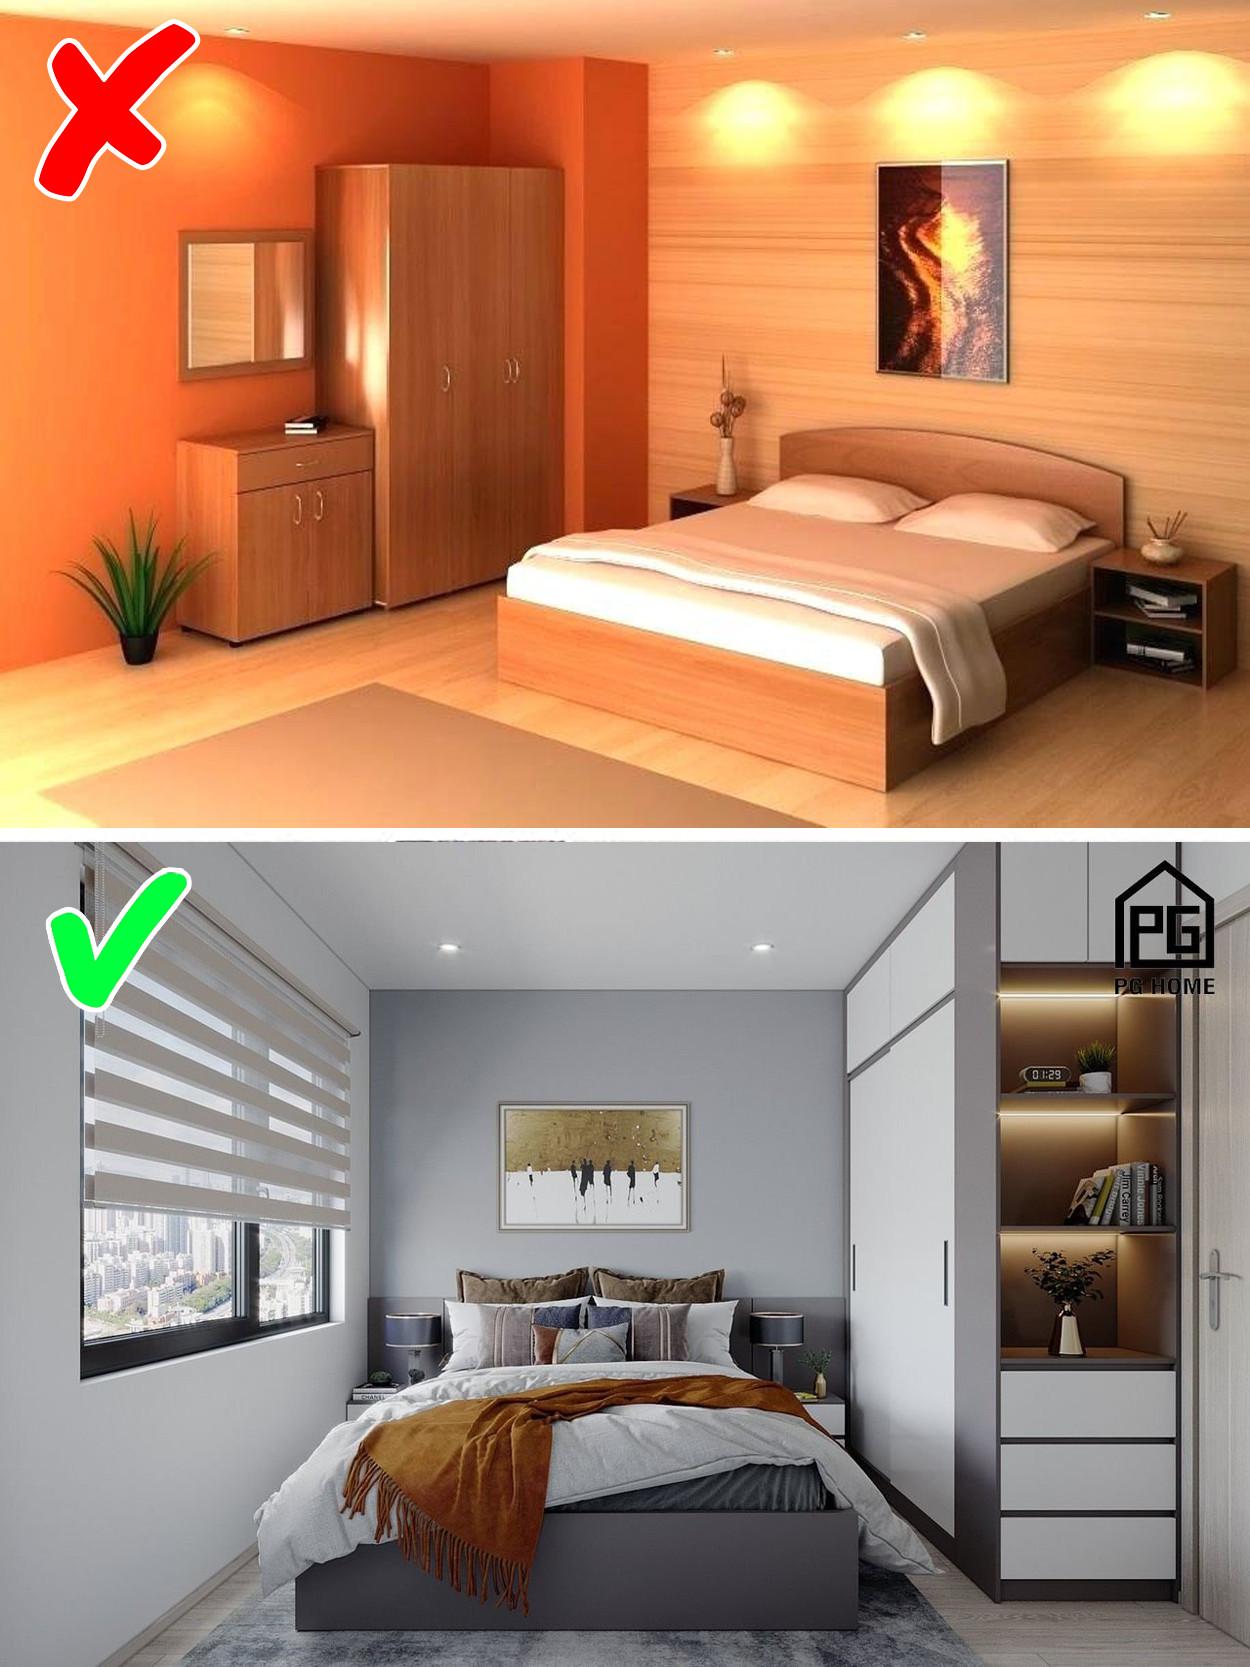 Sự thật phải biết: mua đồ nội thất bán sẵn hay đặt đóng theo thiết kế?